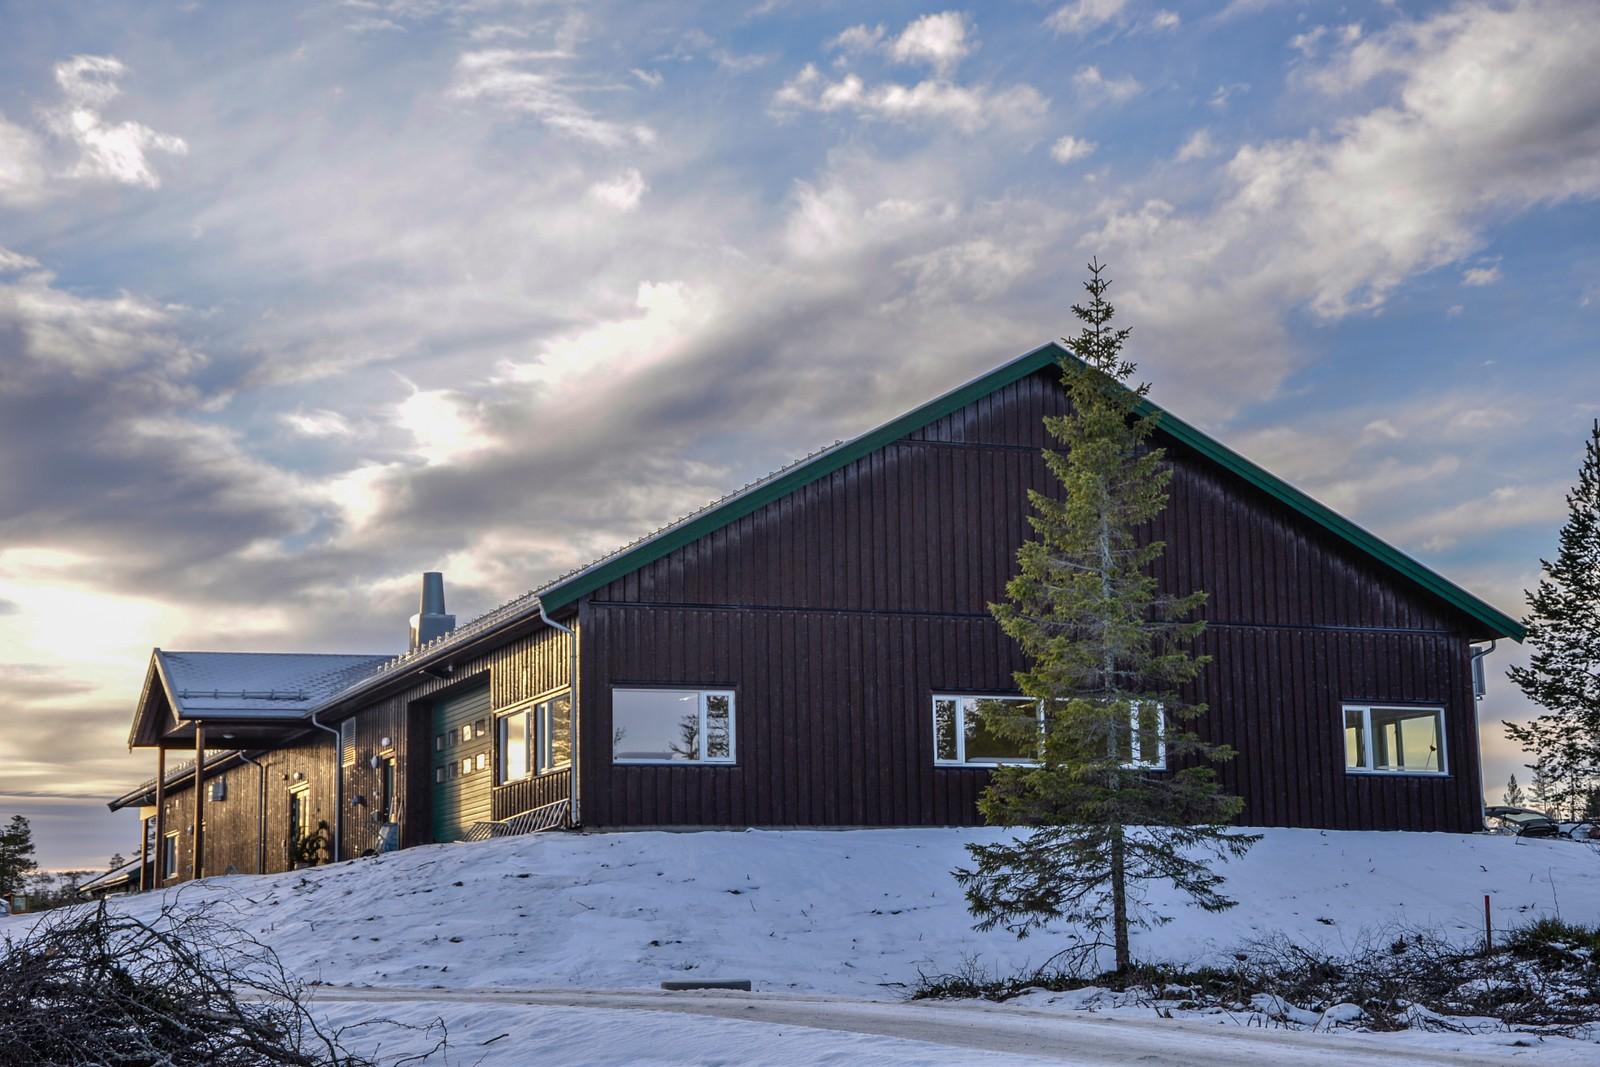 Det nye servicebygget på Lygna har plass til både lager, garderober, kjøkken og en kafeteriadel.